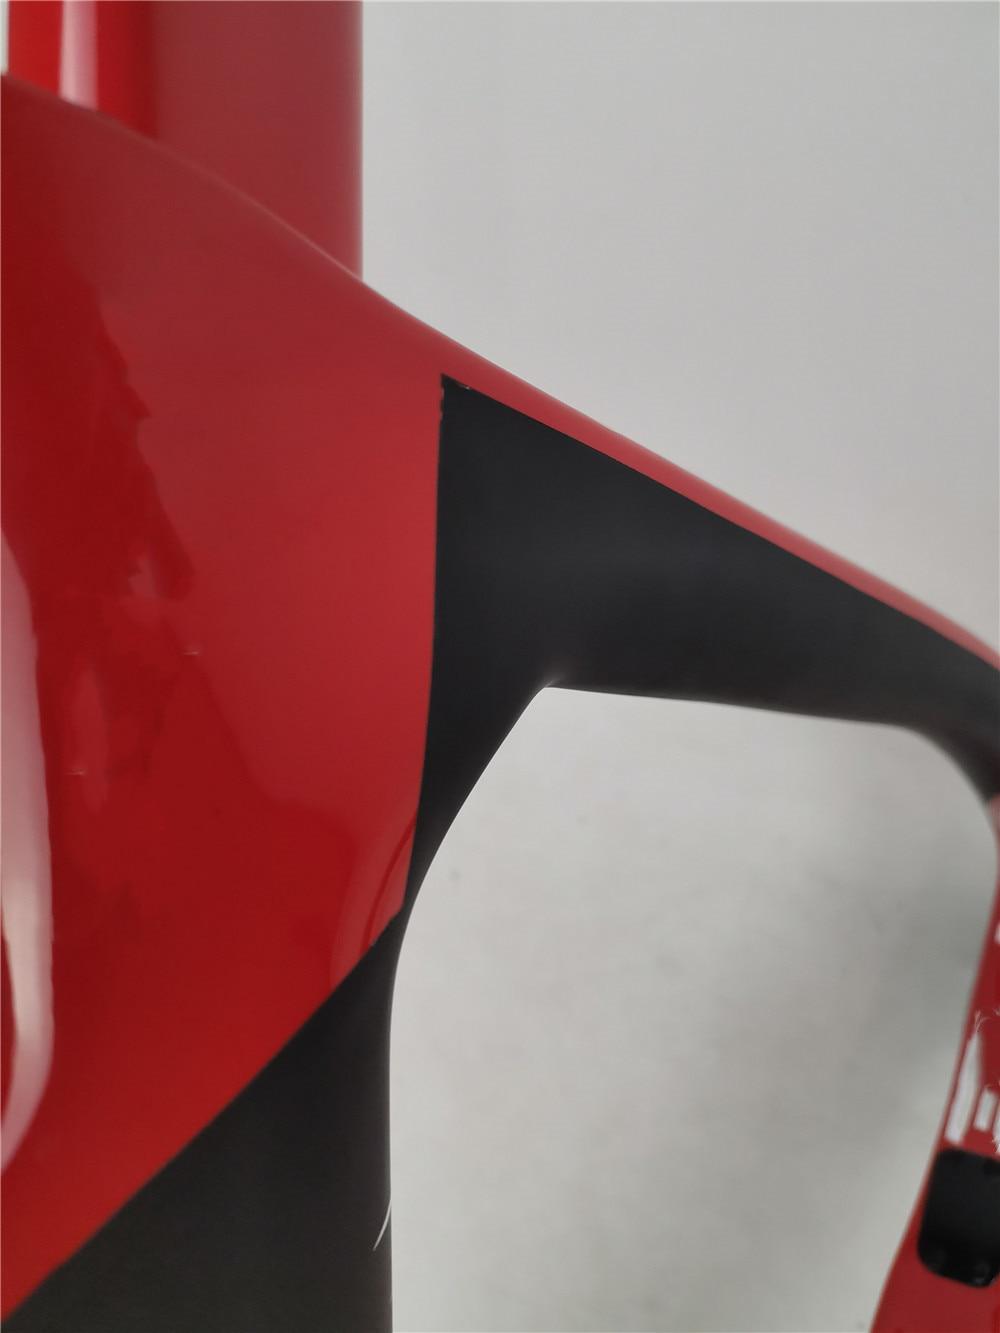 NEW carbon road bike frame disk/rim brake specifications carbon road bicycle frameset 1K surface black matte+red glossy color